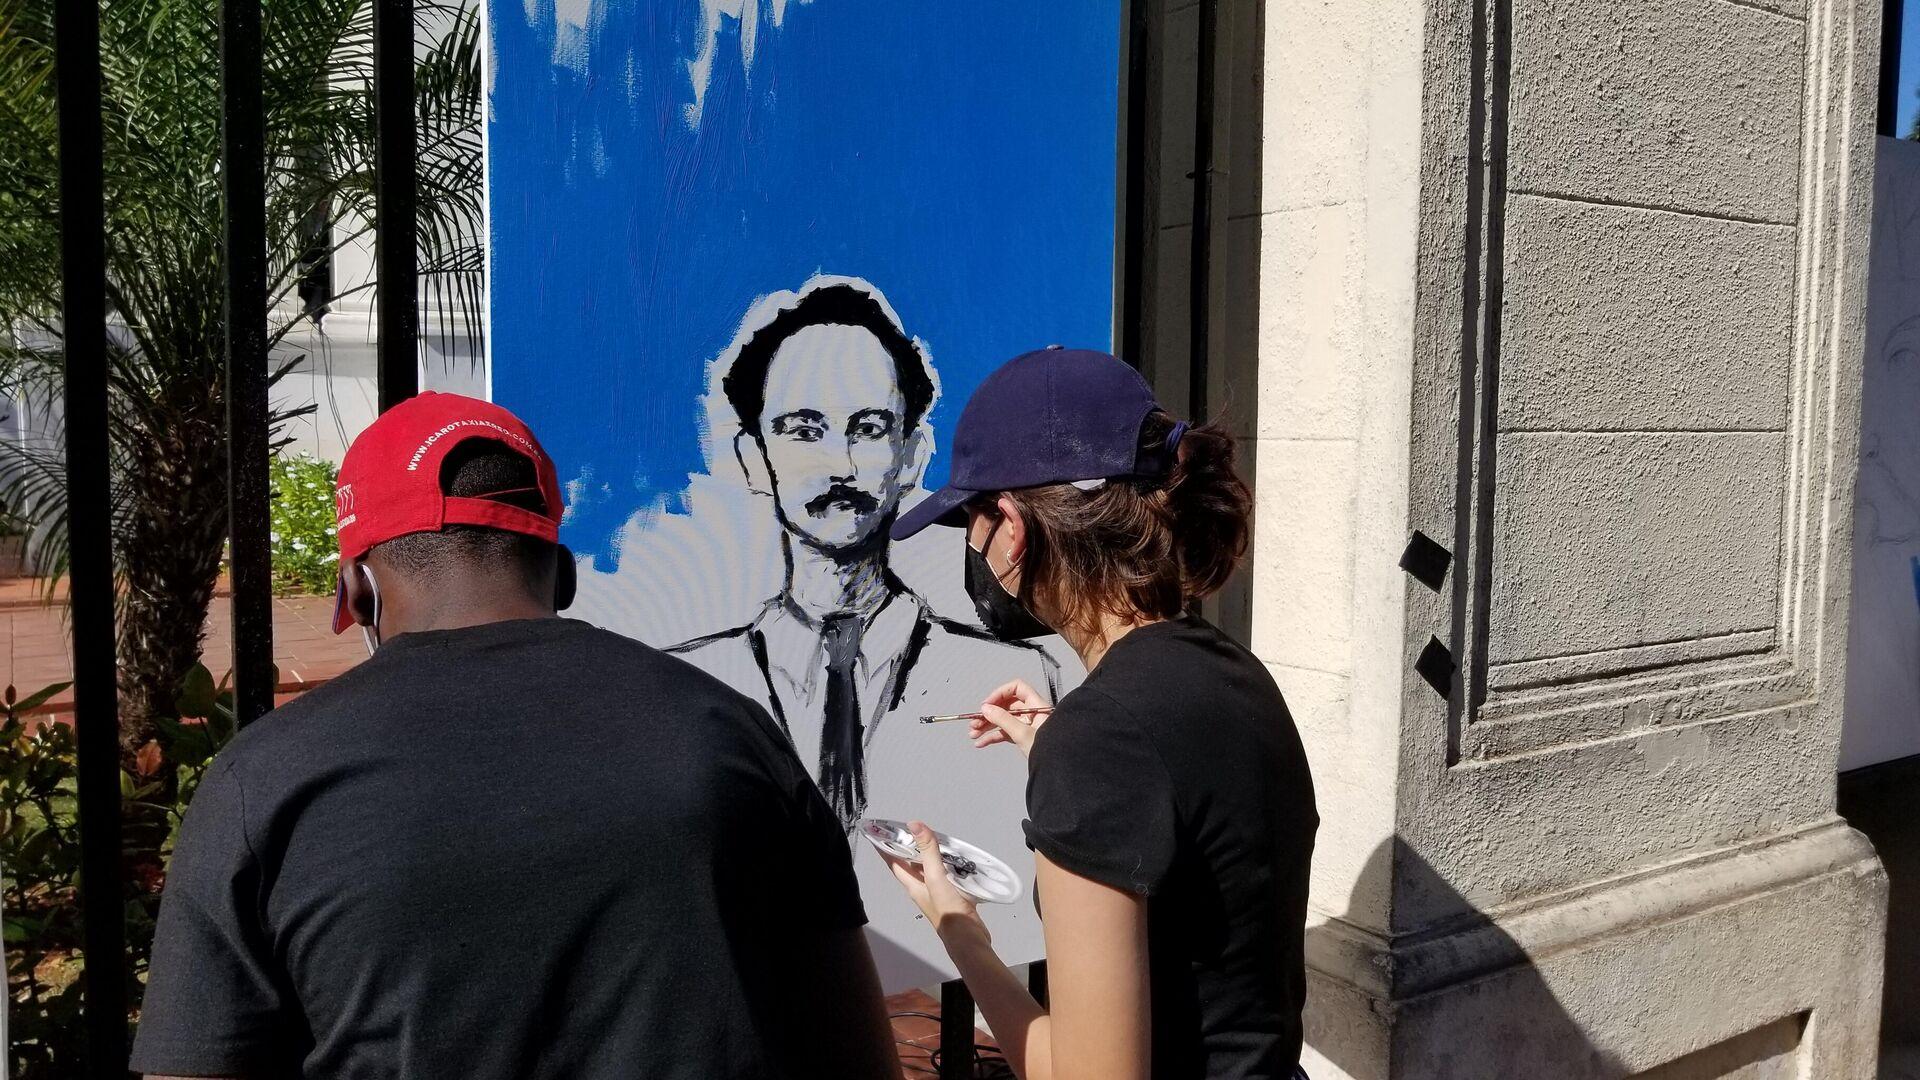 Los cubanos recuerdan el 126 aniversario del reinicio de la guerra de independencia de Cuba - Sputnik Mundo, 1920, 24.02.2021